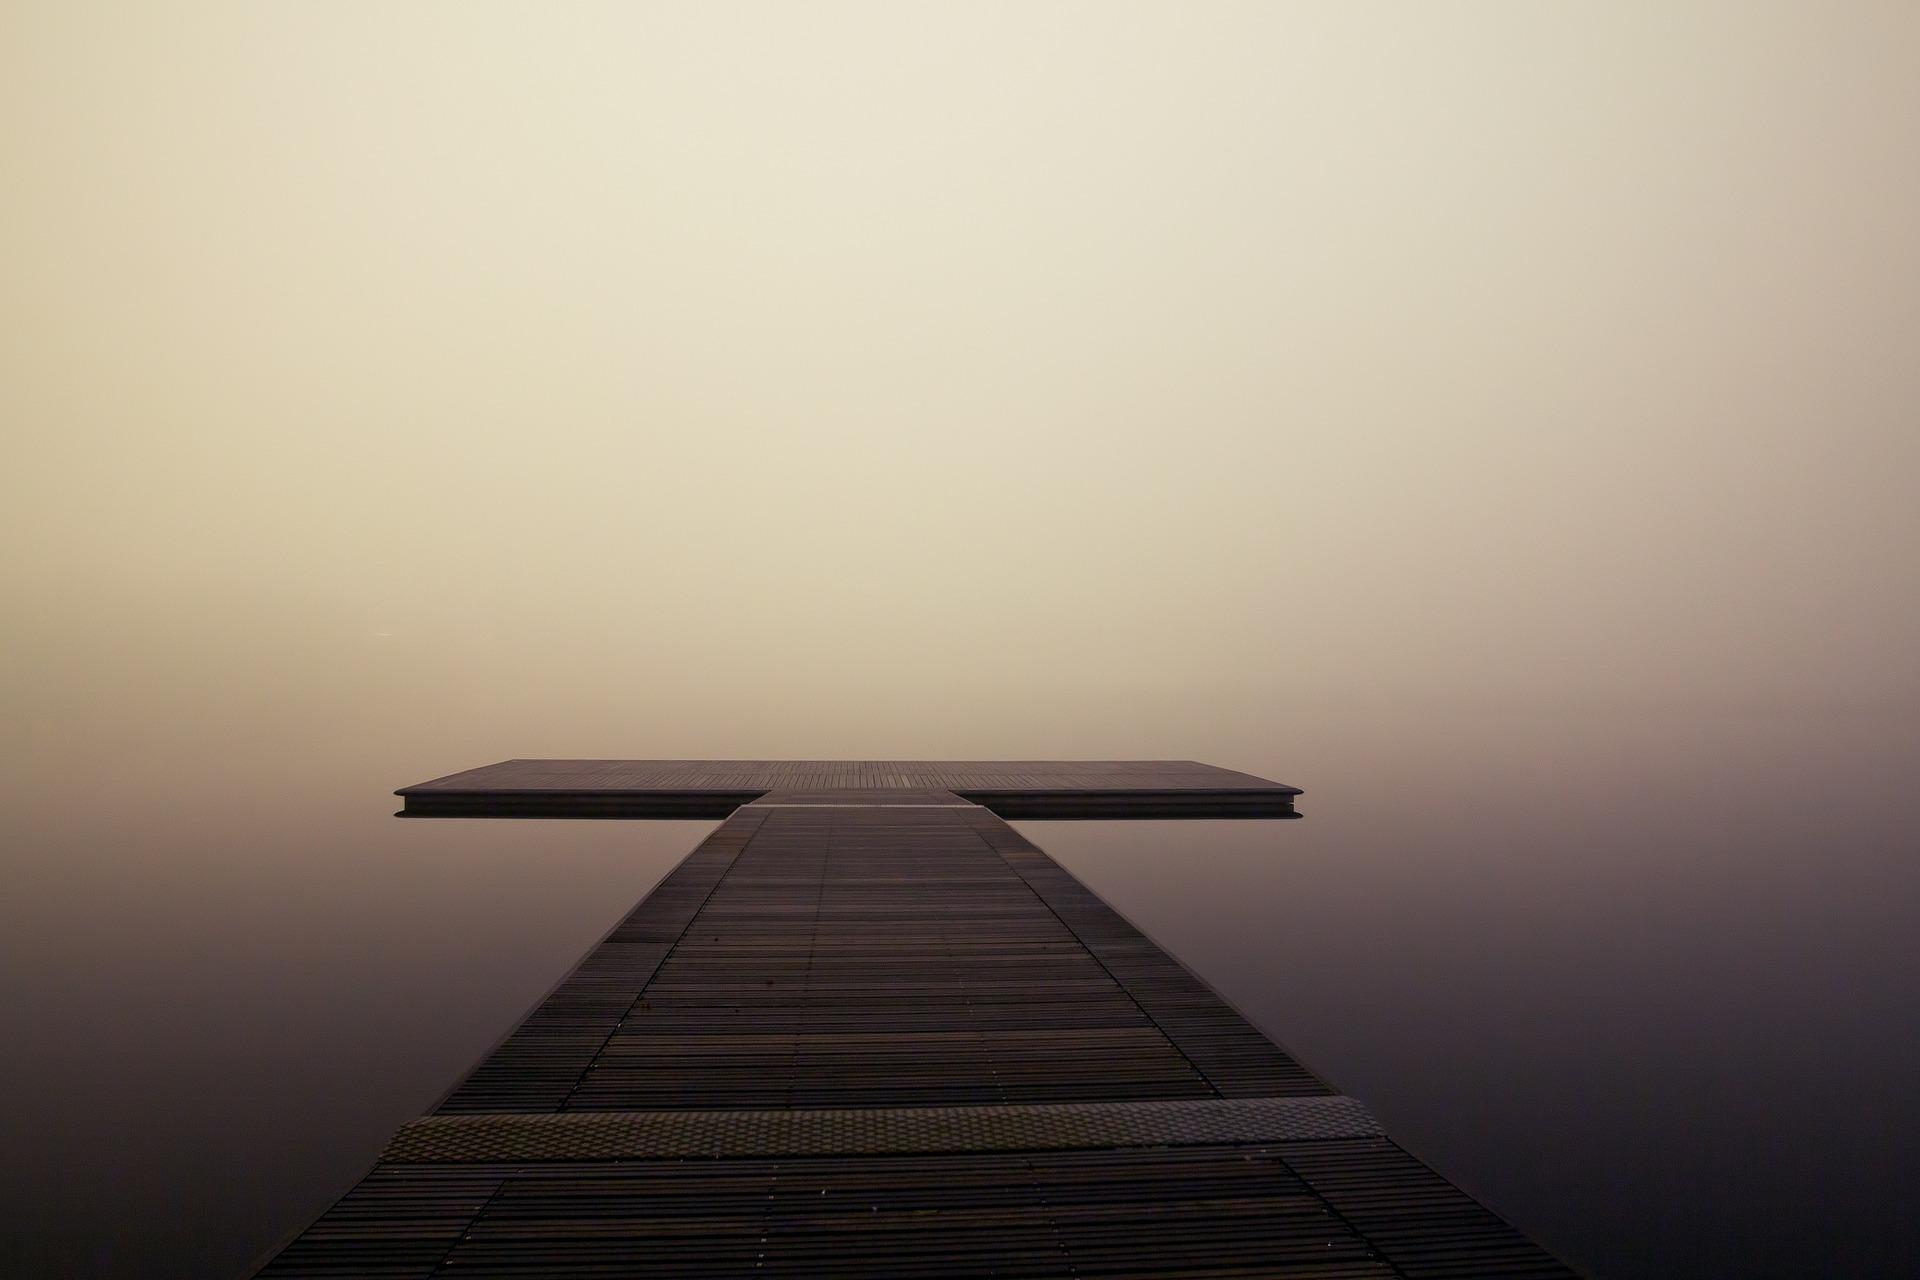 Весна, Вуд, Озеро, спокойствие, расслабиться - Обои HD - Профессор falken.com